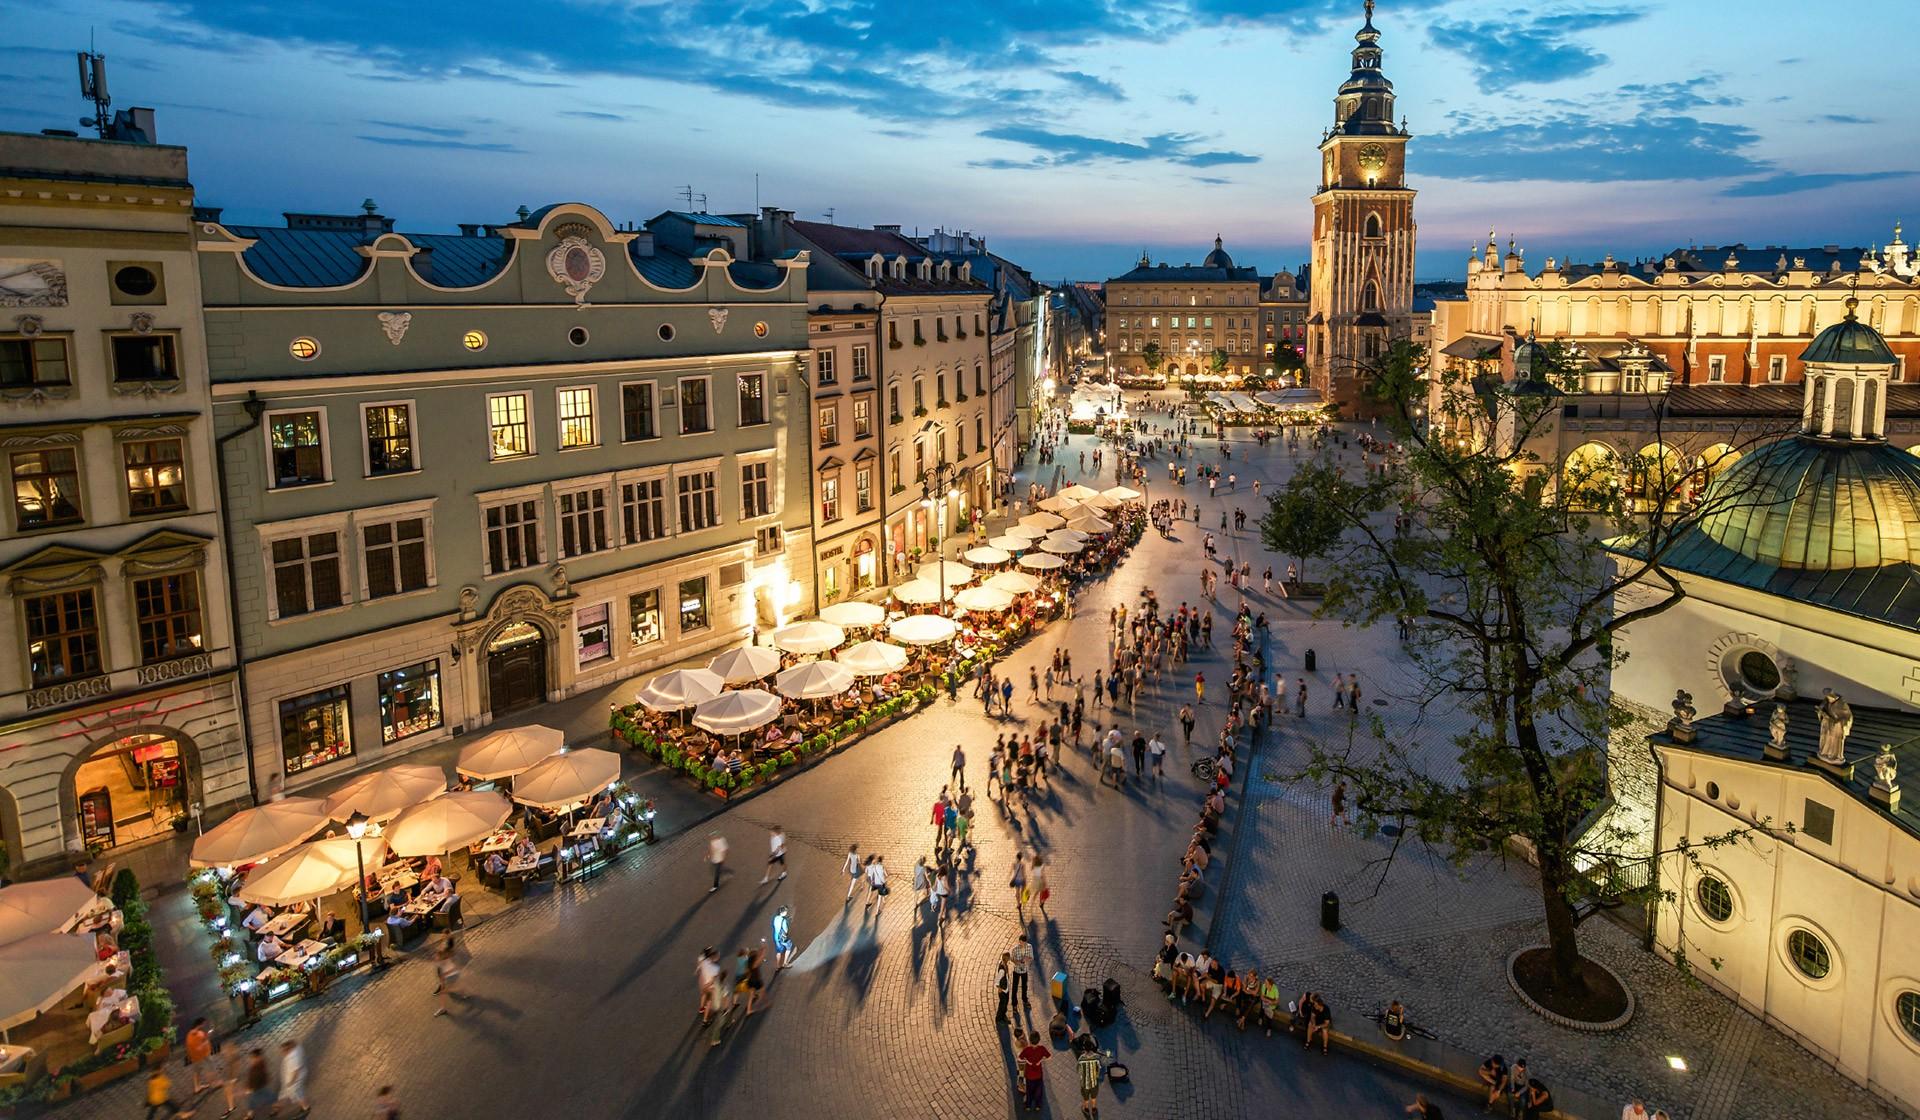 16. Cracow – Poland